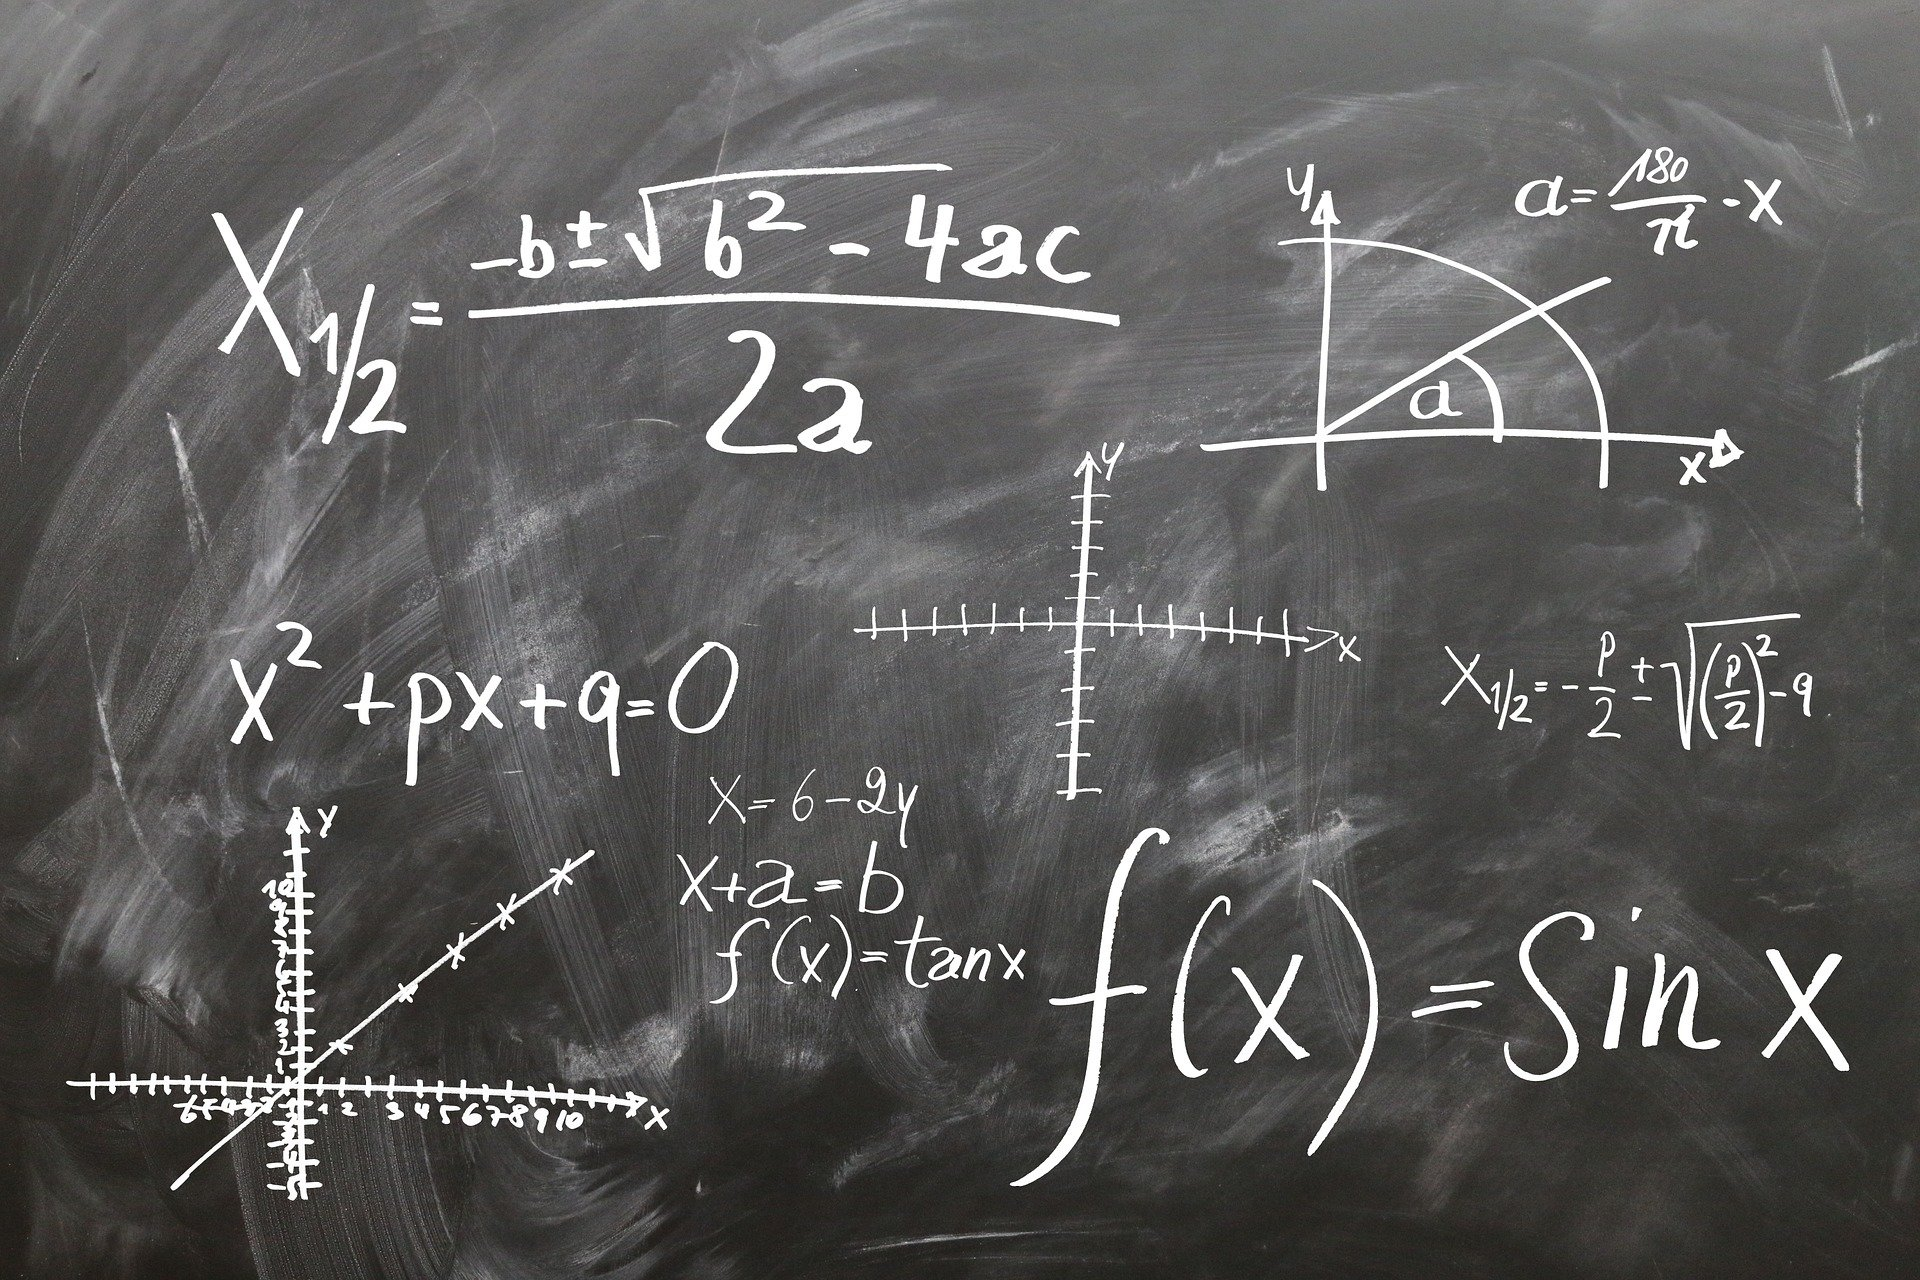 منابع امتحانی نیم سال اول رشته ریاضی فراگیر پیام نور